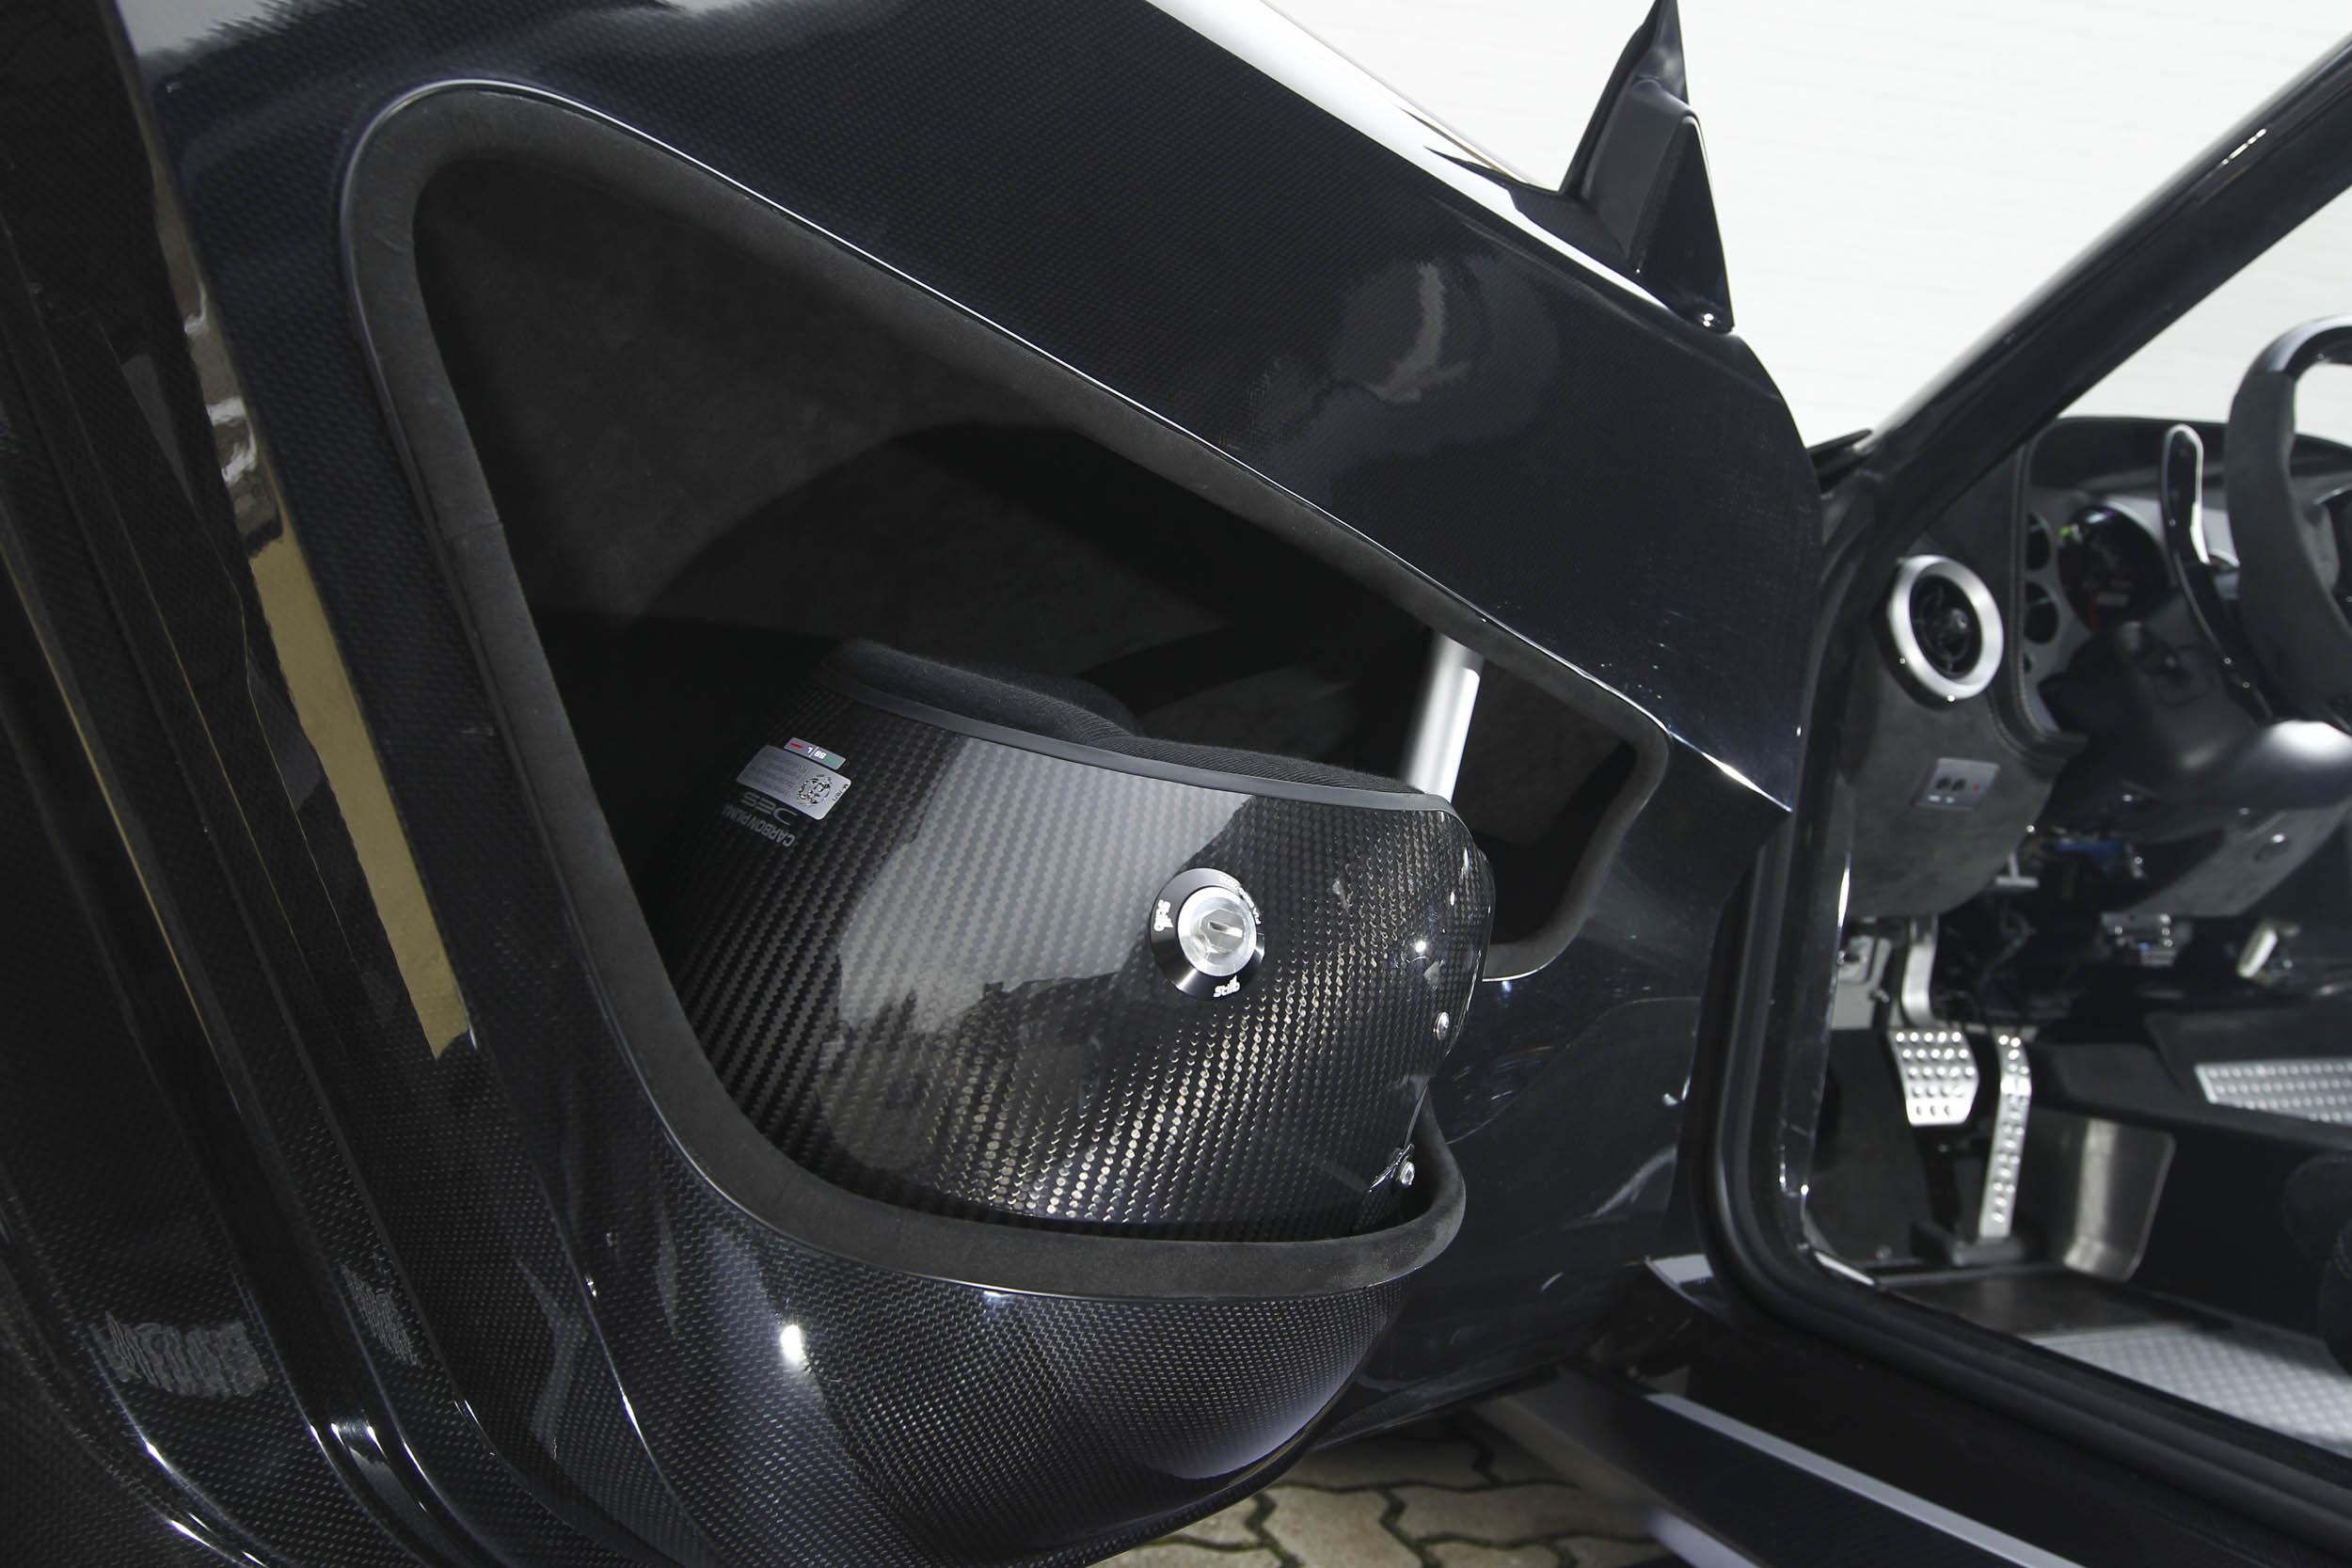 New Stratos racing helment in the door